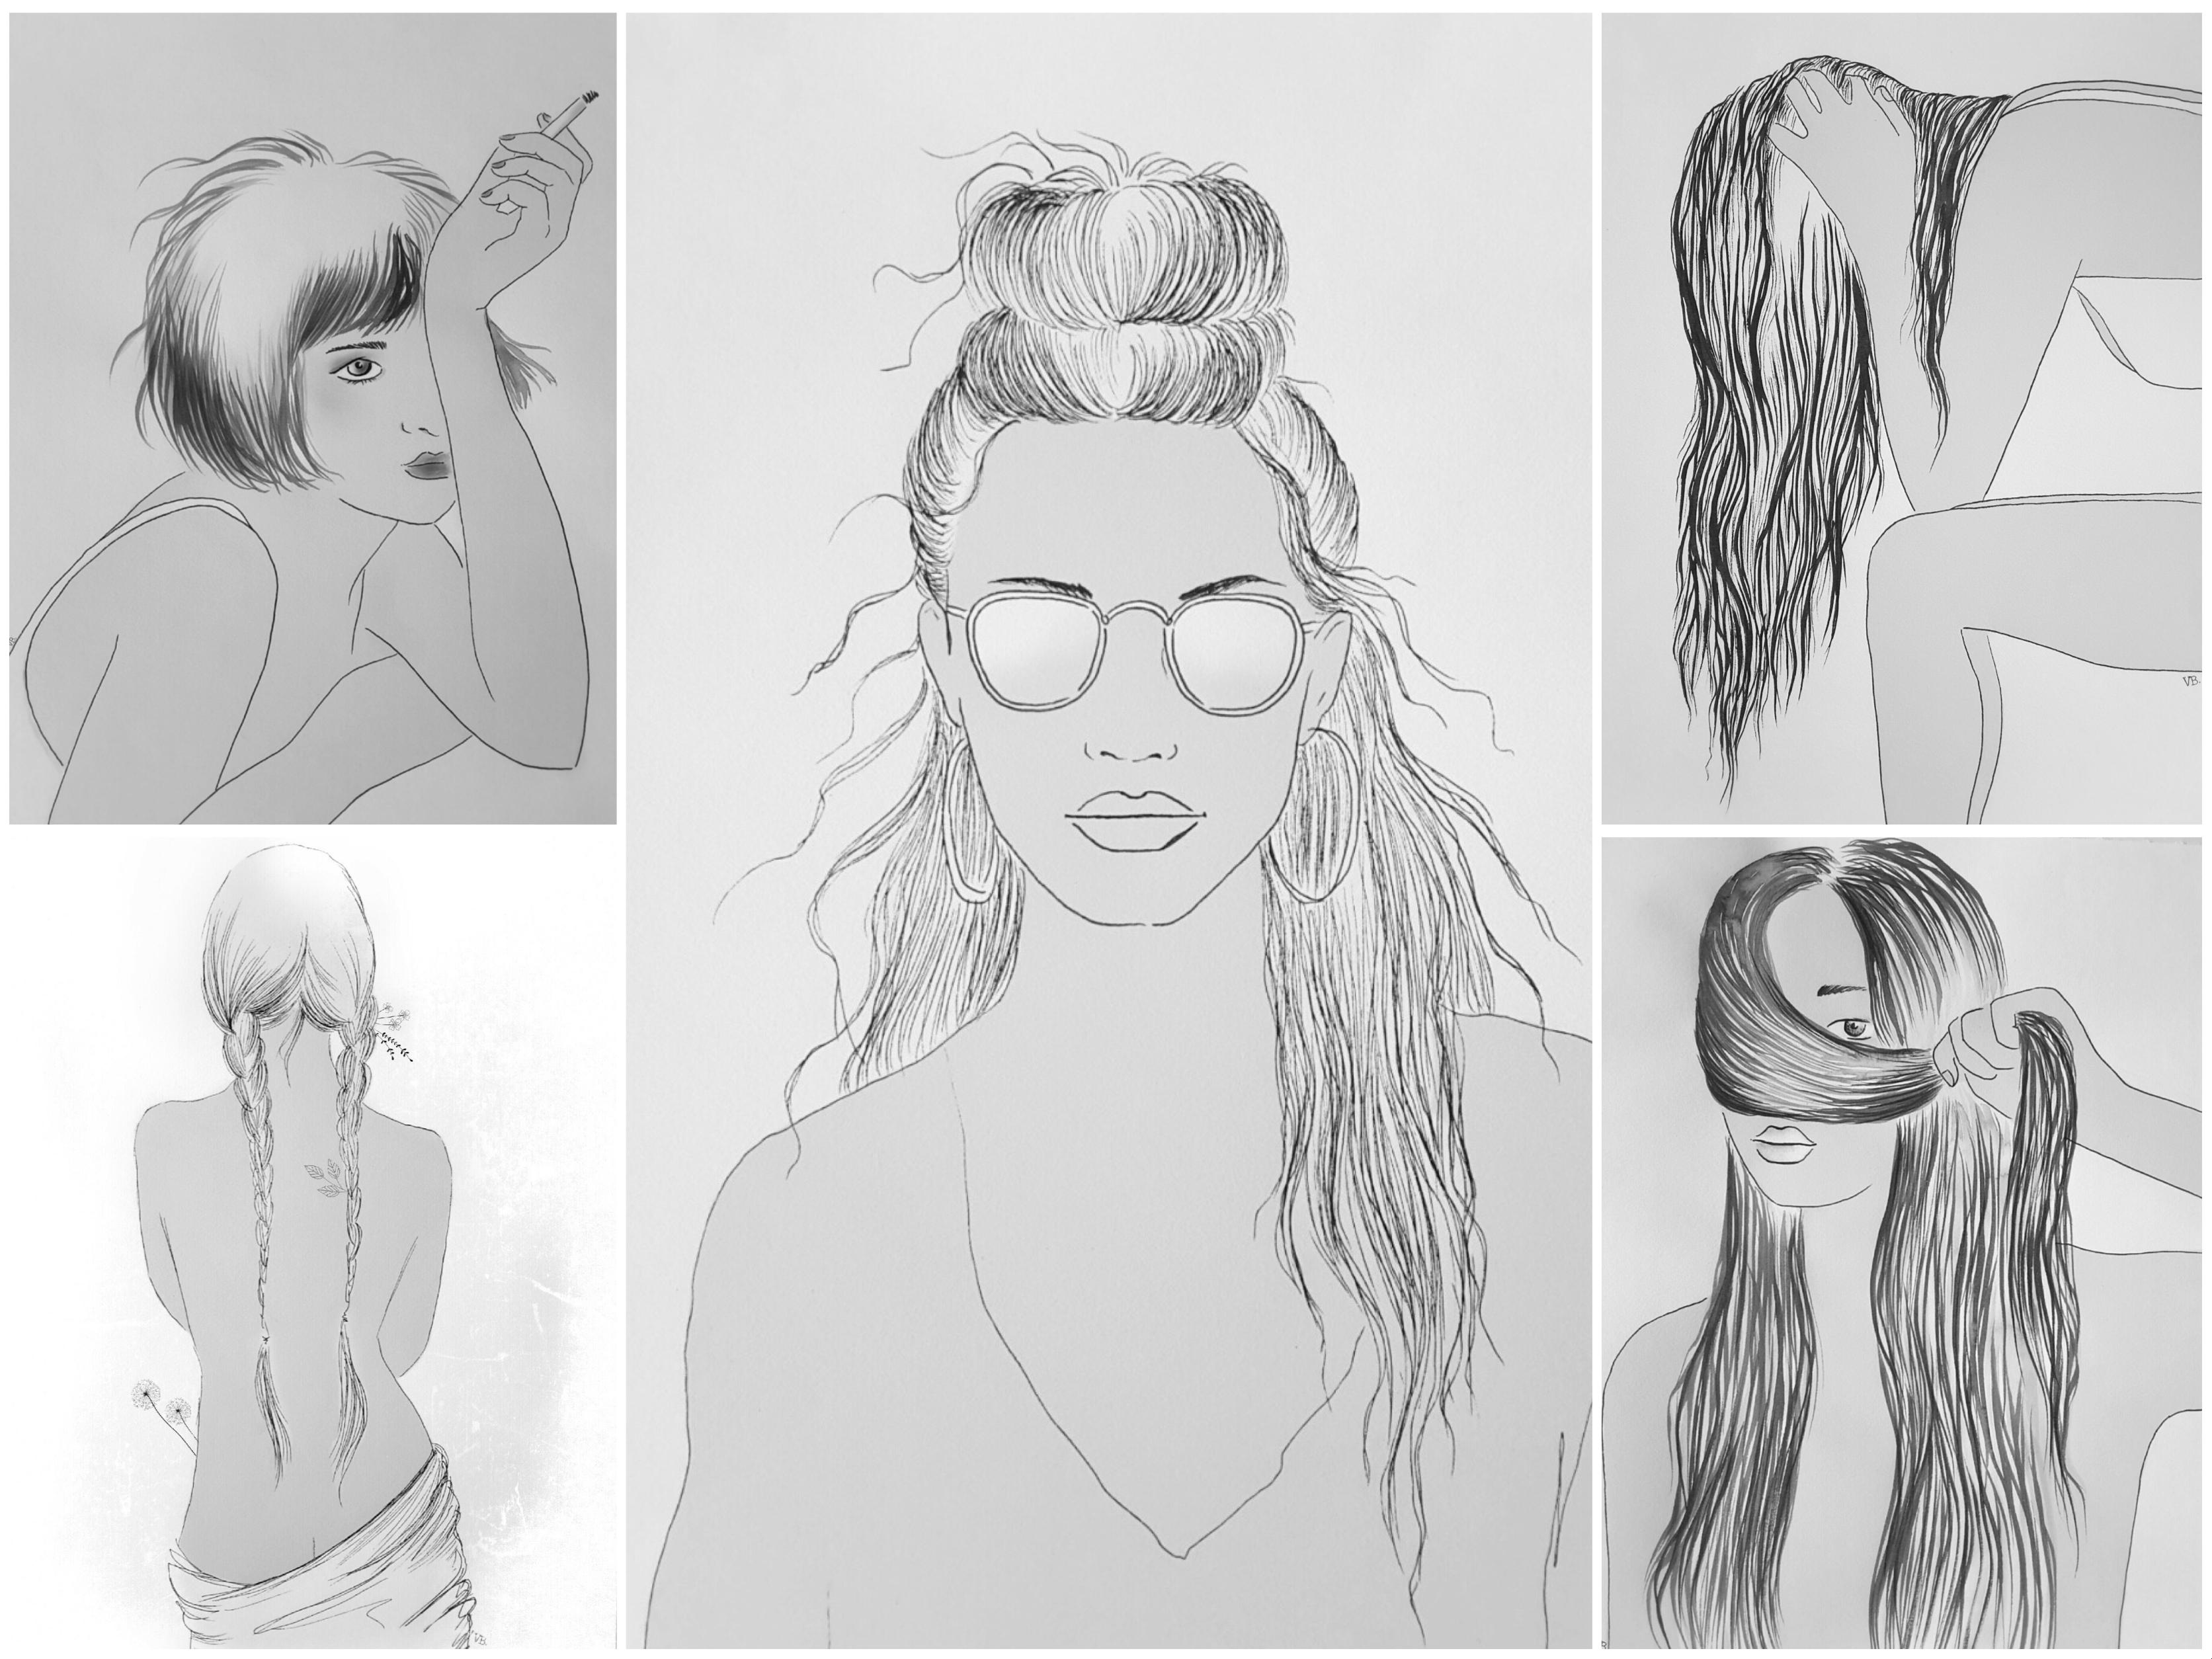 Draw Artist Virginie @virginiebetremieux on PicsArt